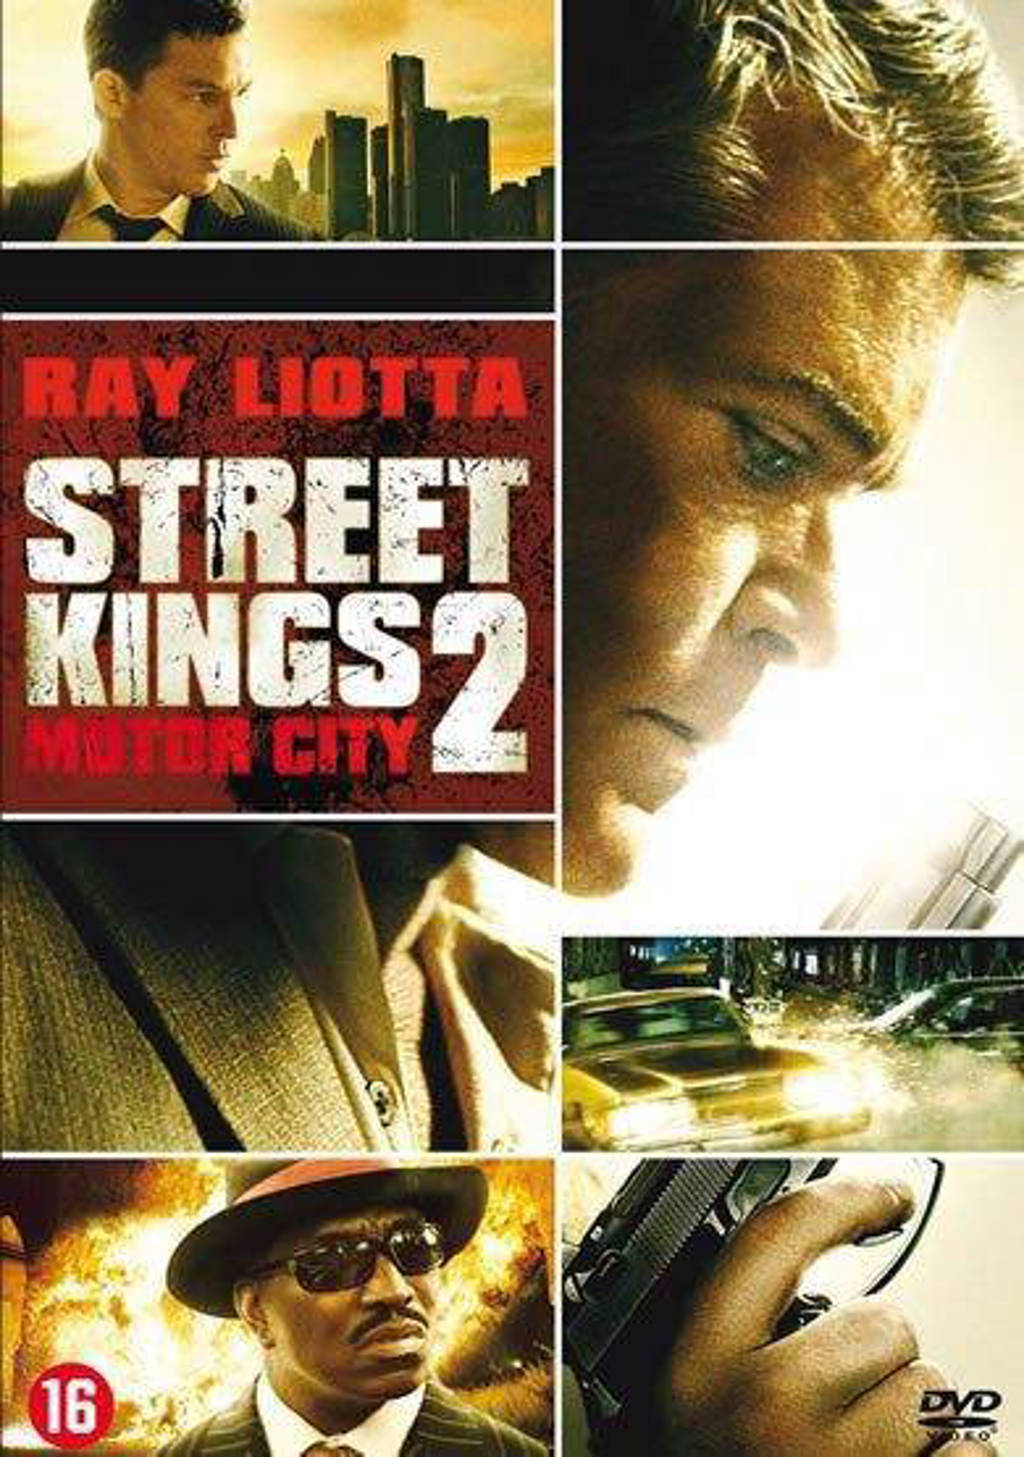 Street kings 2 (DVD)